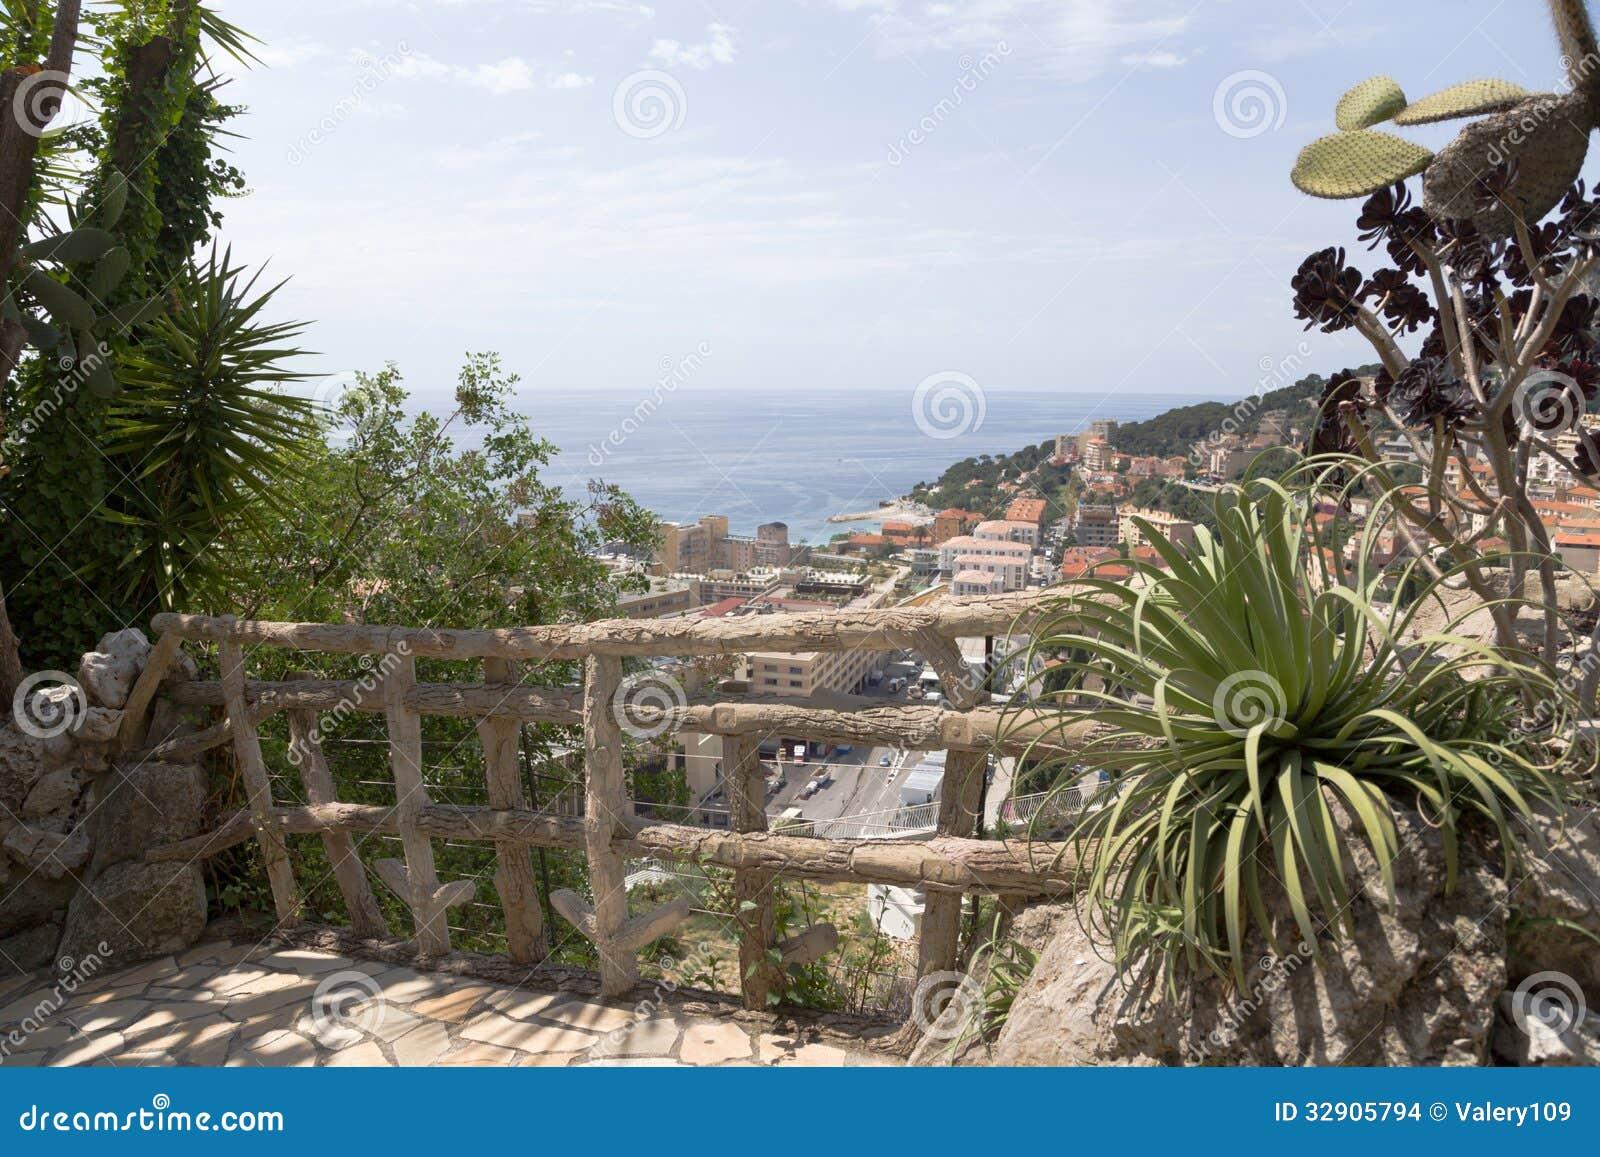 Der Exotische Garten Von Monaco Stockfoto Bild Von Landschaft